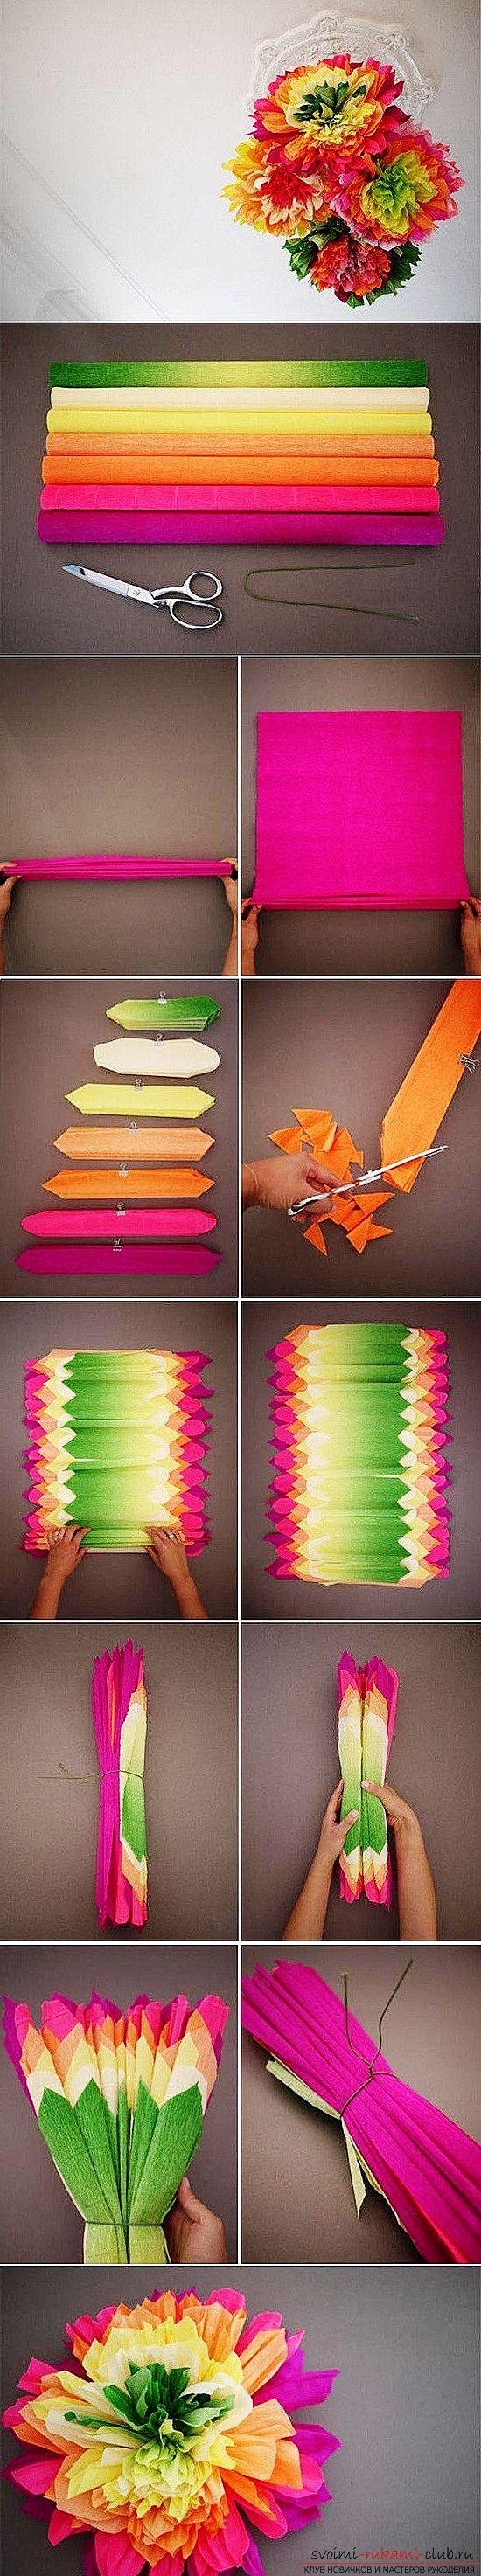 Как сделать цветы из гофрированной бумаги? - Статья с поэтапным решением для создания цветов из гофрированной бумаги.. Фото №1